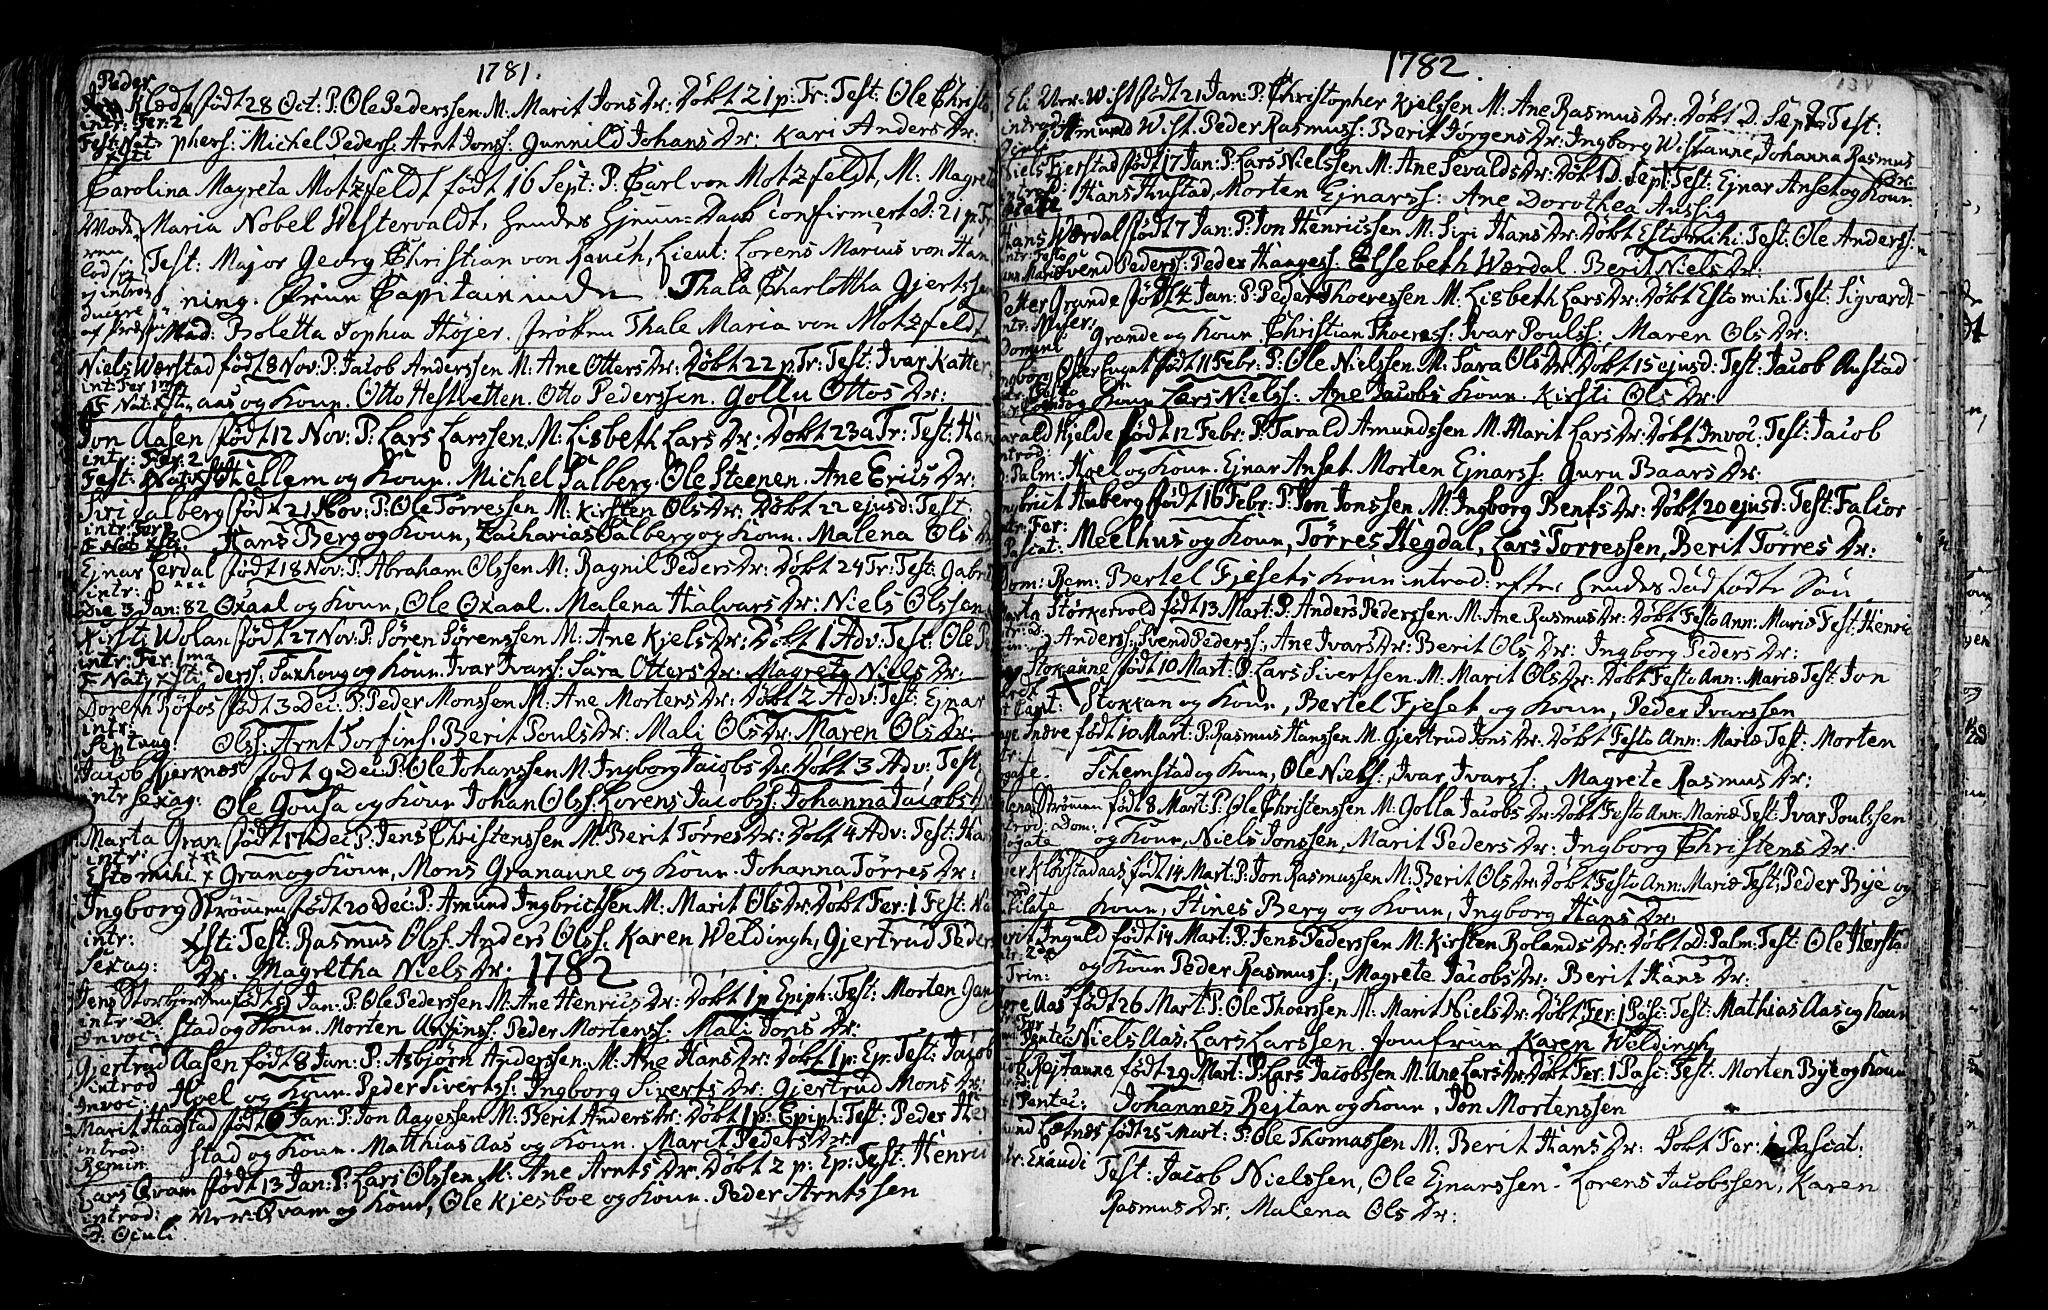 SAT, Ministerialprotokoller, klokkerbøker og fødselsregistre - Nord-Trøndelag, 730/L0273: Ministerialbok nr. 730A02, 1762-1802, s. 134